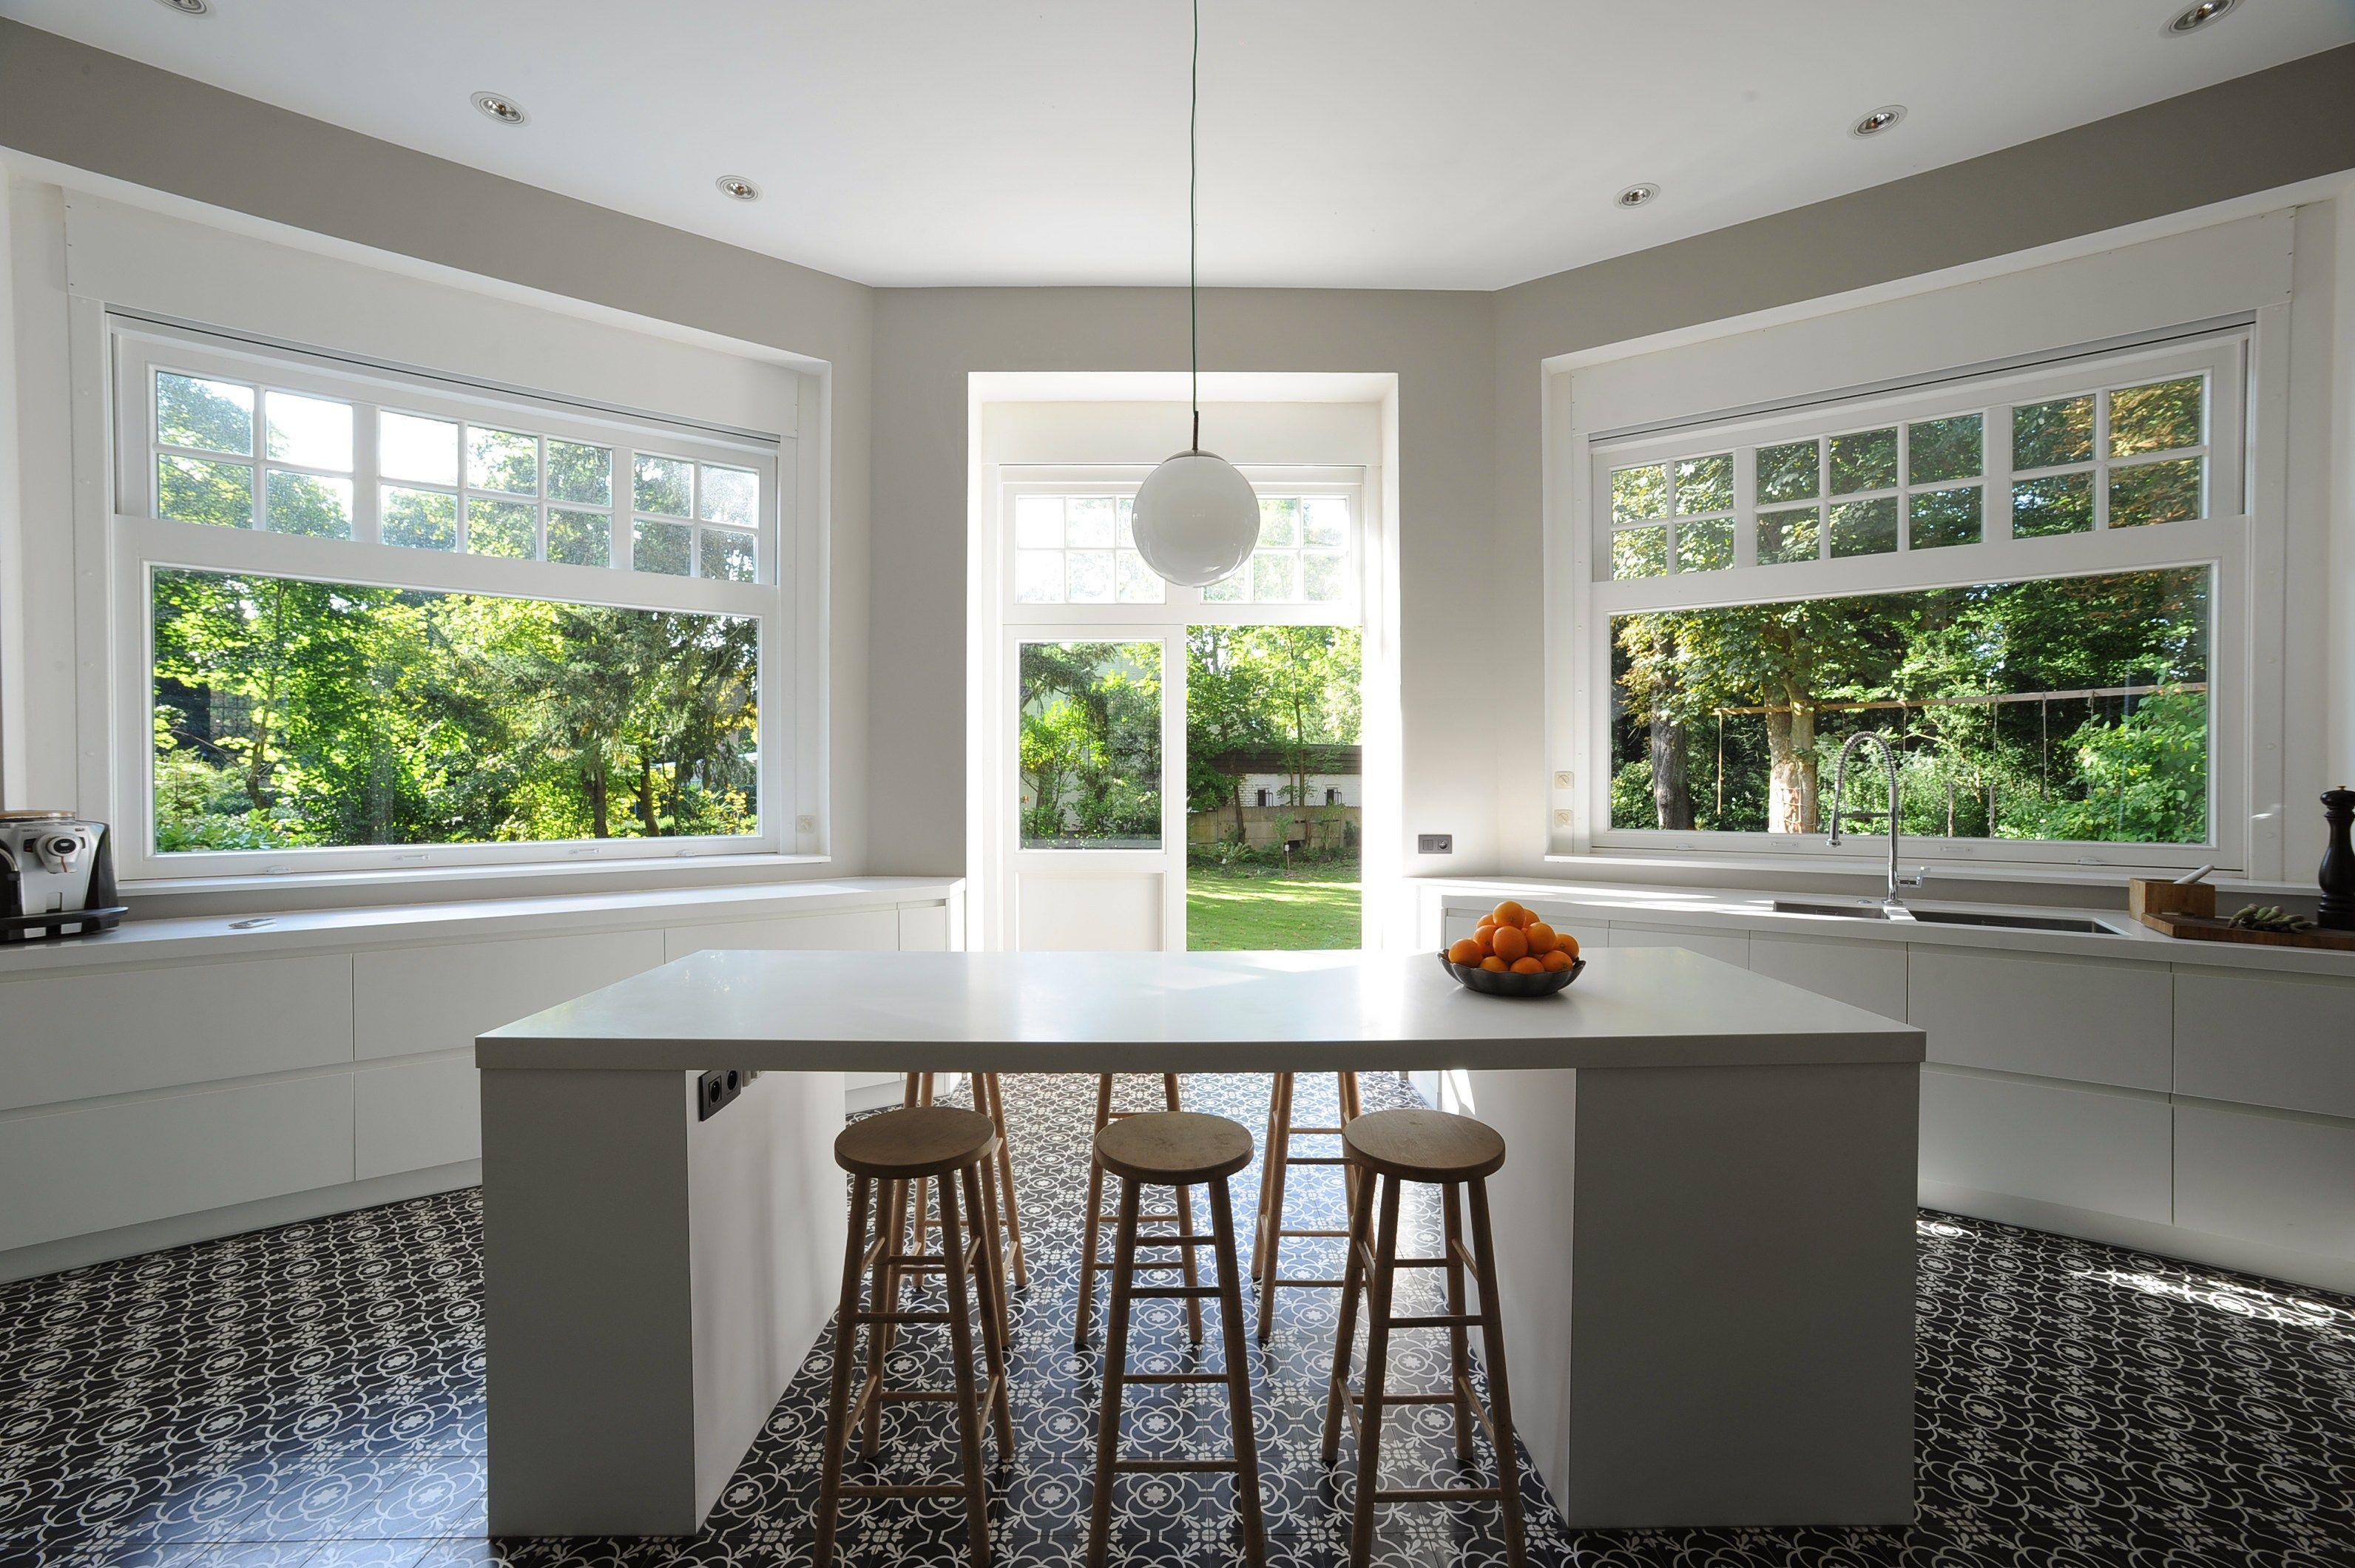 Bancada de cozinha em HI MACS® HI MACS® for kitchen worktop by HI  #49633A 3184 2120